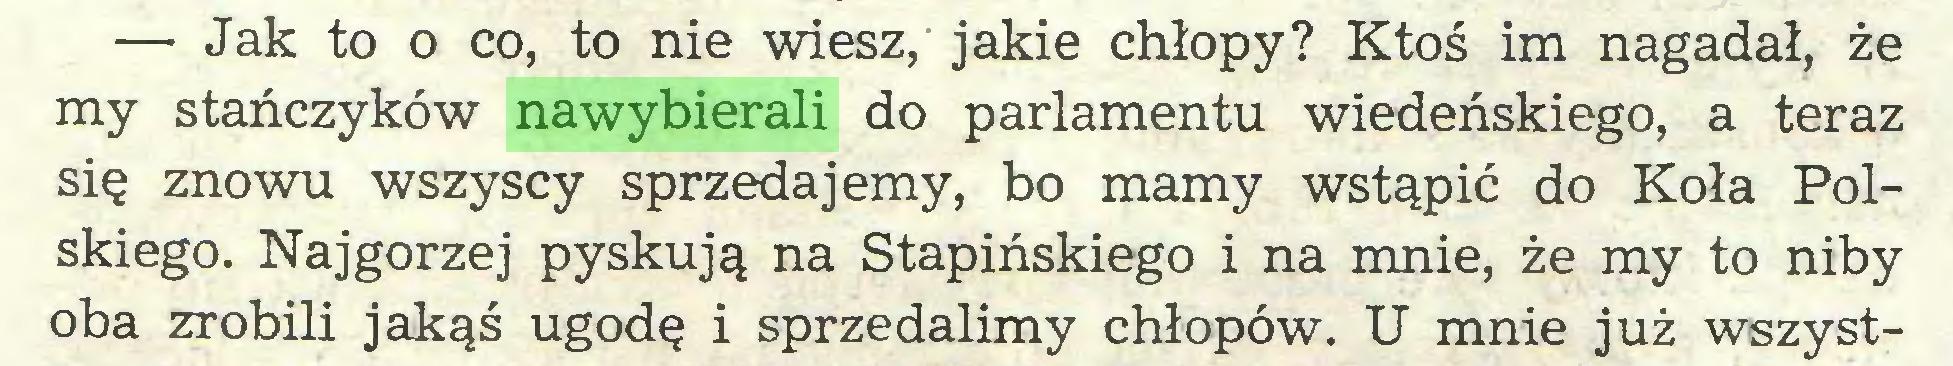 (...) —• Jak to o co, to nie wiesz, jakie chłopy? Ktoś im nagadał, że my stańczyków nawybierali do parlamentu wiedeńskiego, a teraz się znowu wszyscy sprzedajemy, bo mamy wstąpić do Koła Polskiego. Najgorzej pyskują na Stapińskiego i na mnie, że my to niby oba zrobili jakąś ugodę i sprzedalimy chłopów. U mnie już wszyst...